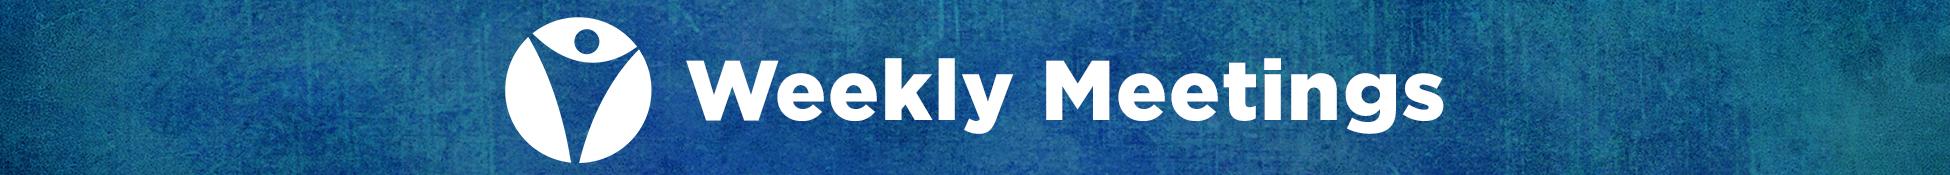 Singles_WeeklyMeetings_small